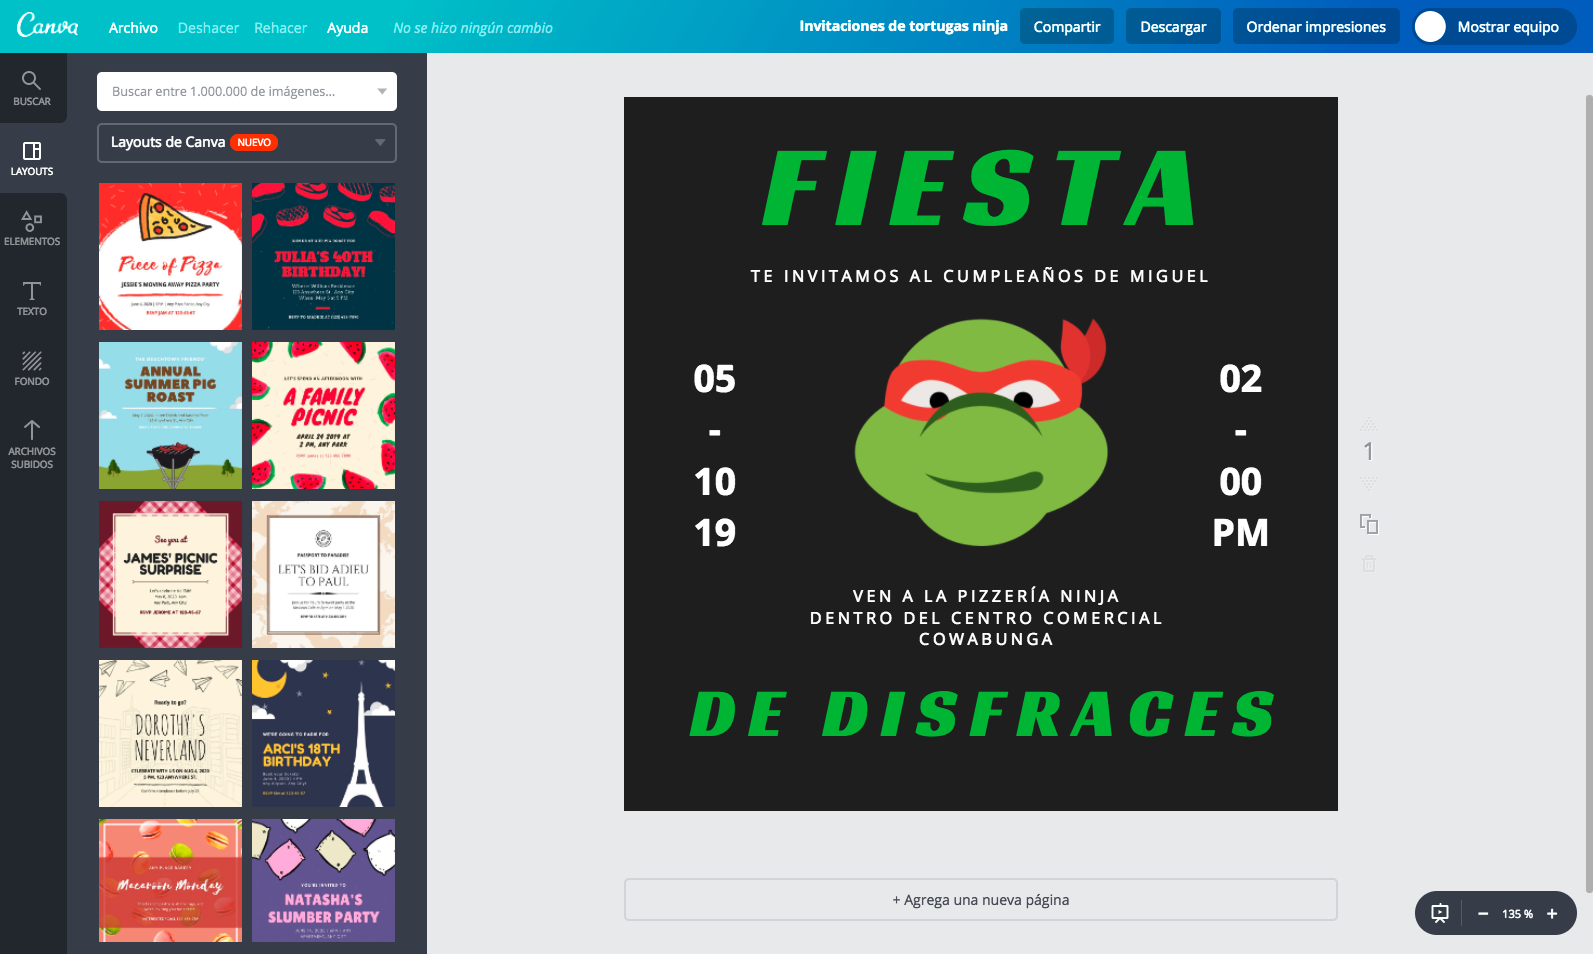 Crea Invitaciones De Tortugas Ninjas Online Gratis Canva